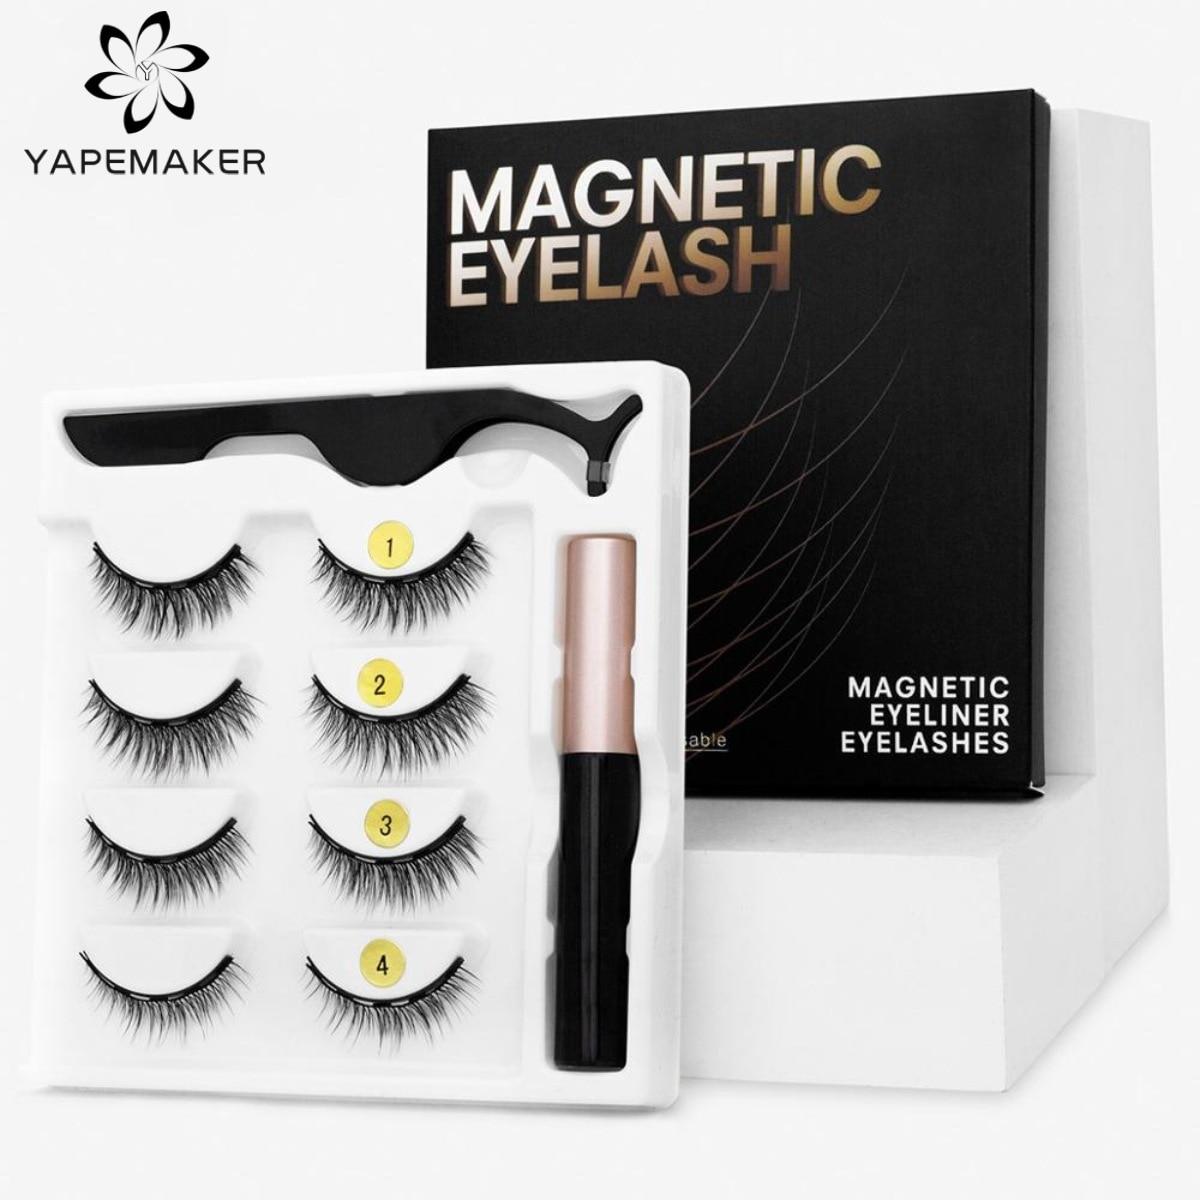 Magnetic Eyelashes 3D Mink Eyelashes Magnetic Eyeliner Magnetic Lashes Short False Lashes Lasting Handmade Eyelash Makeup Tool 1